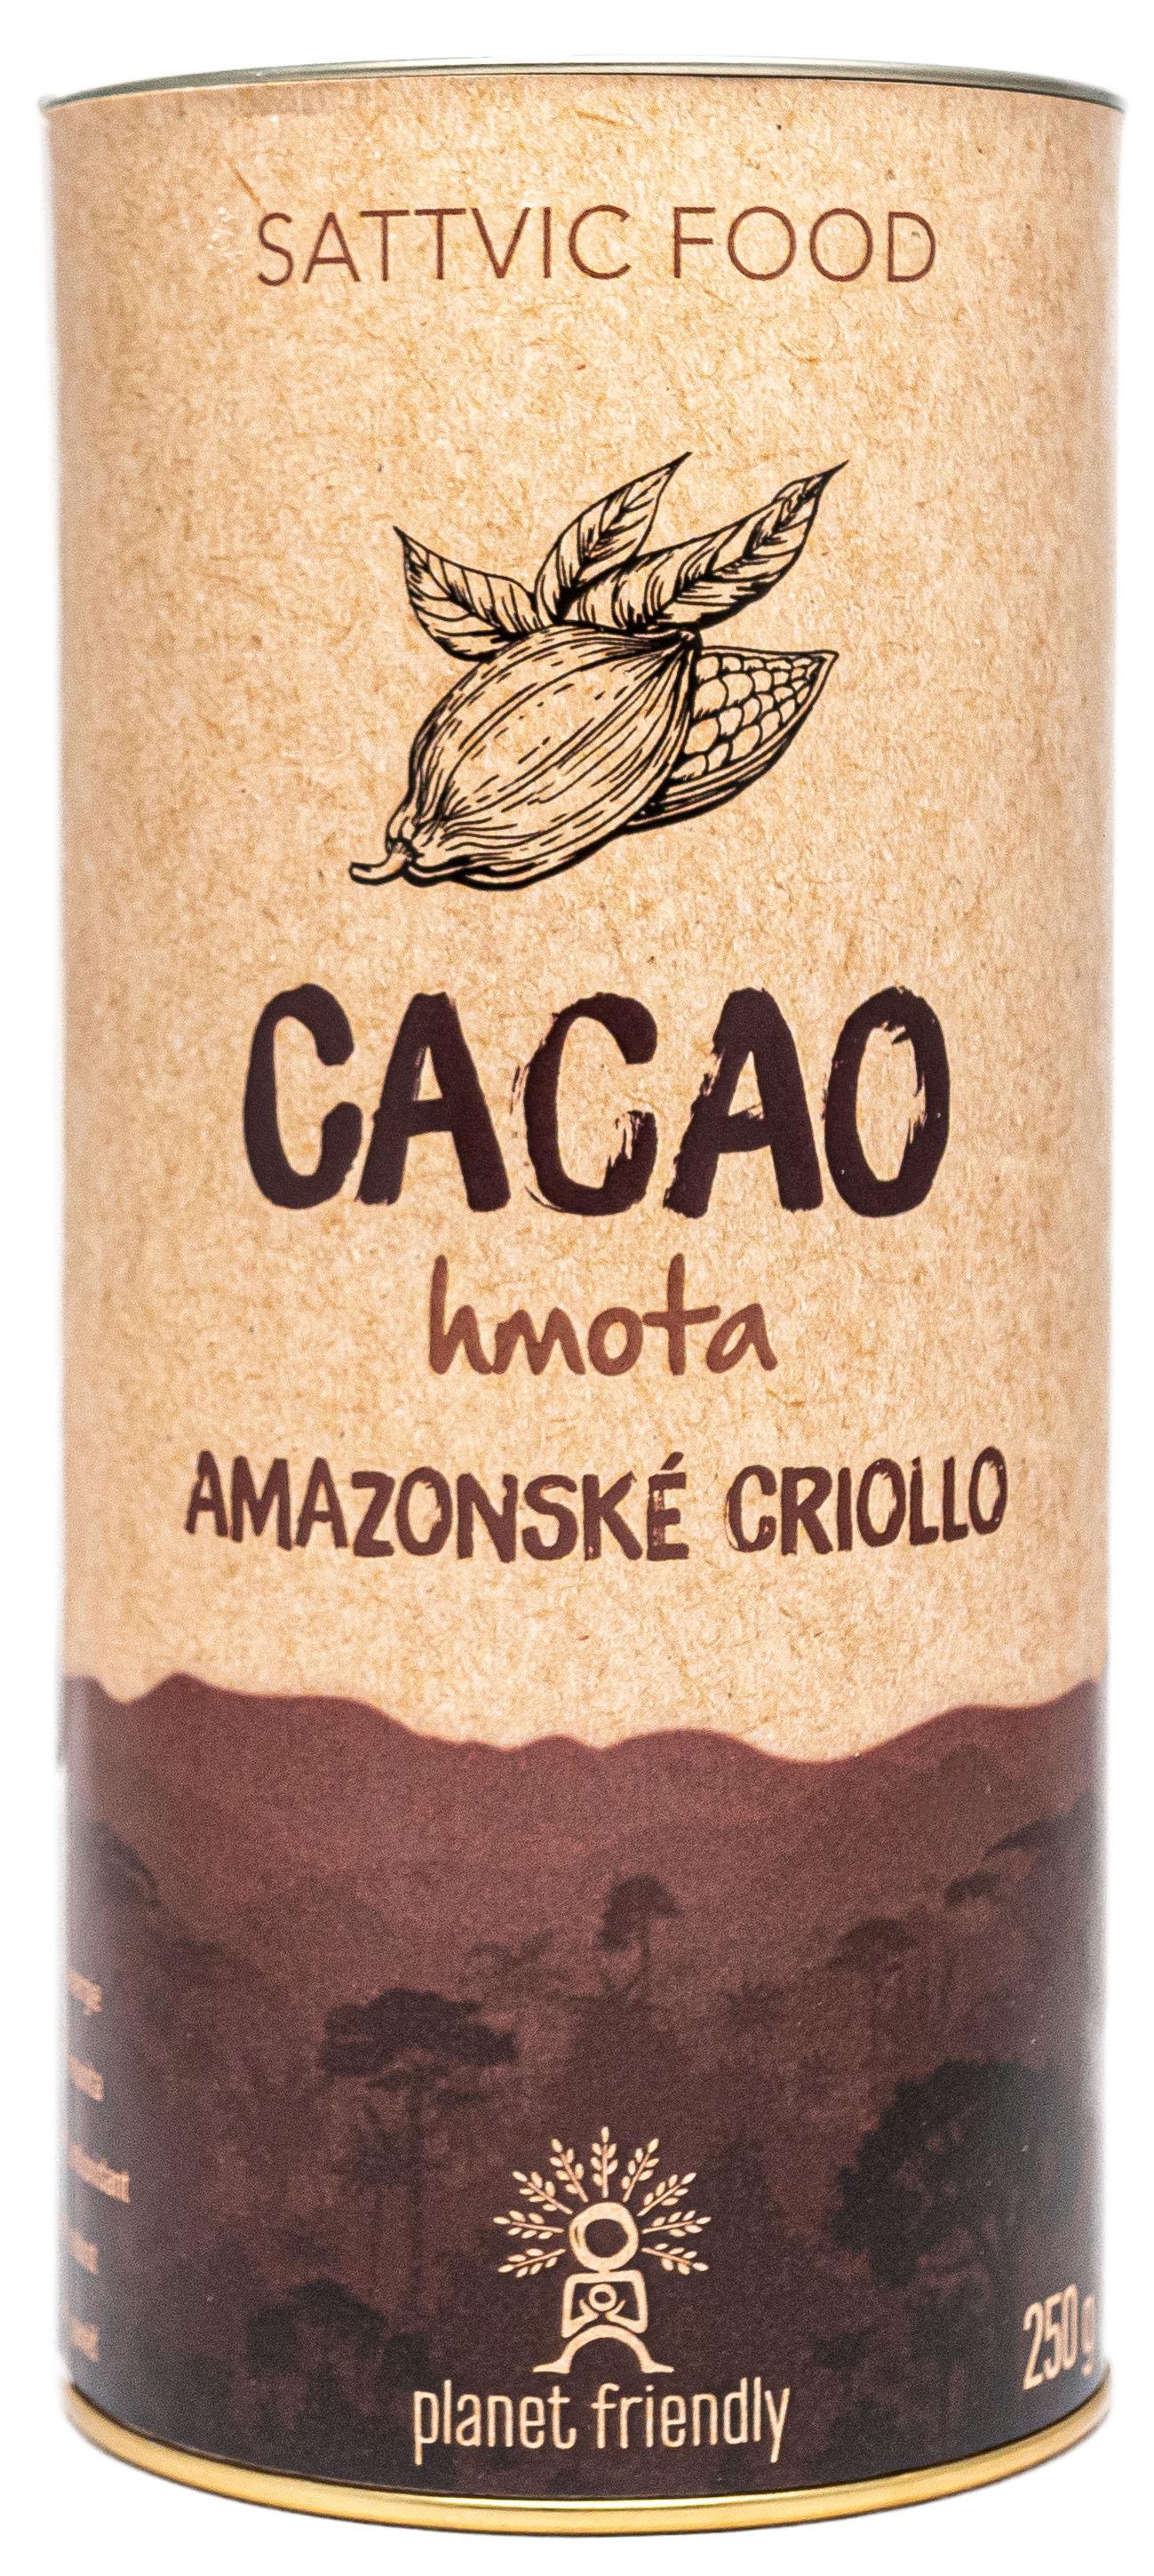 Planet Friendly Cacao Criollo hmota - peruánské kakao, 250 g